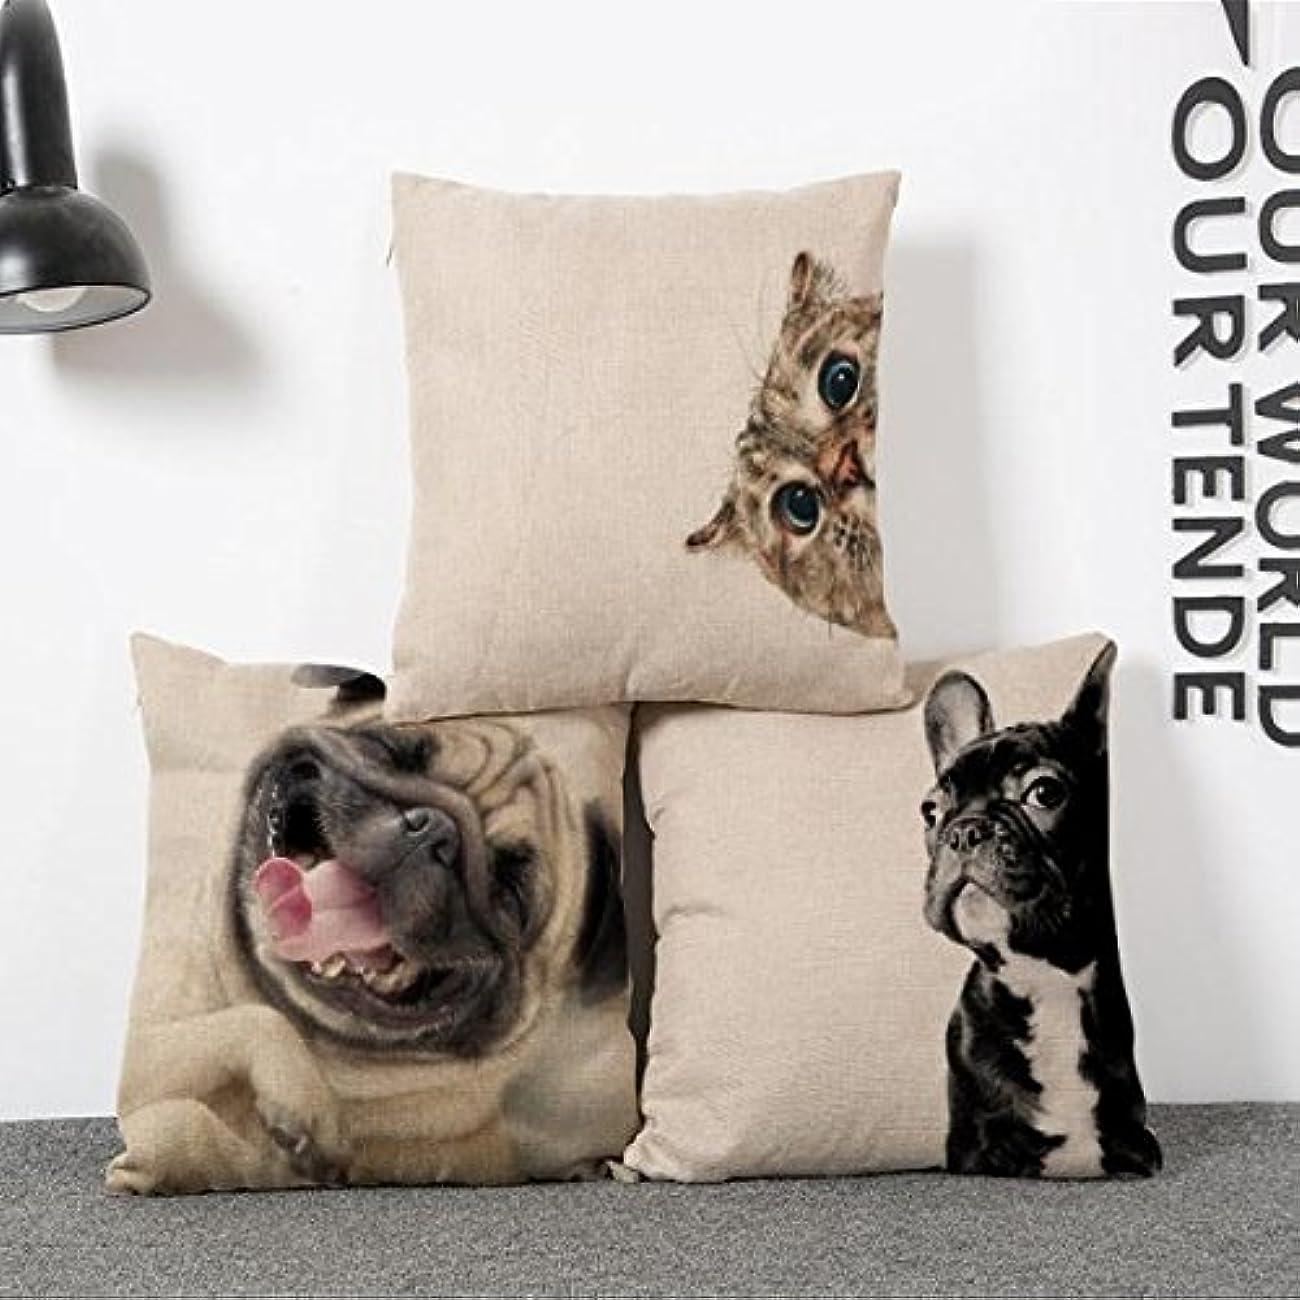 上院ループ後クッションカバー 枕カバー ベッド ソファ 装飾 45 * 45センチメートル 素敵 犬 コットン リネン